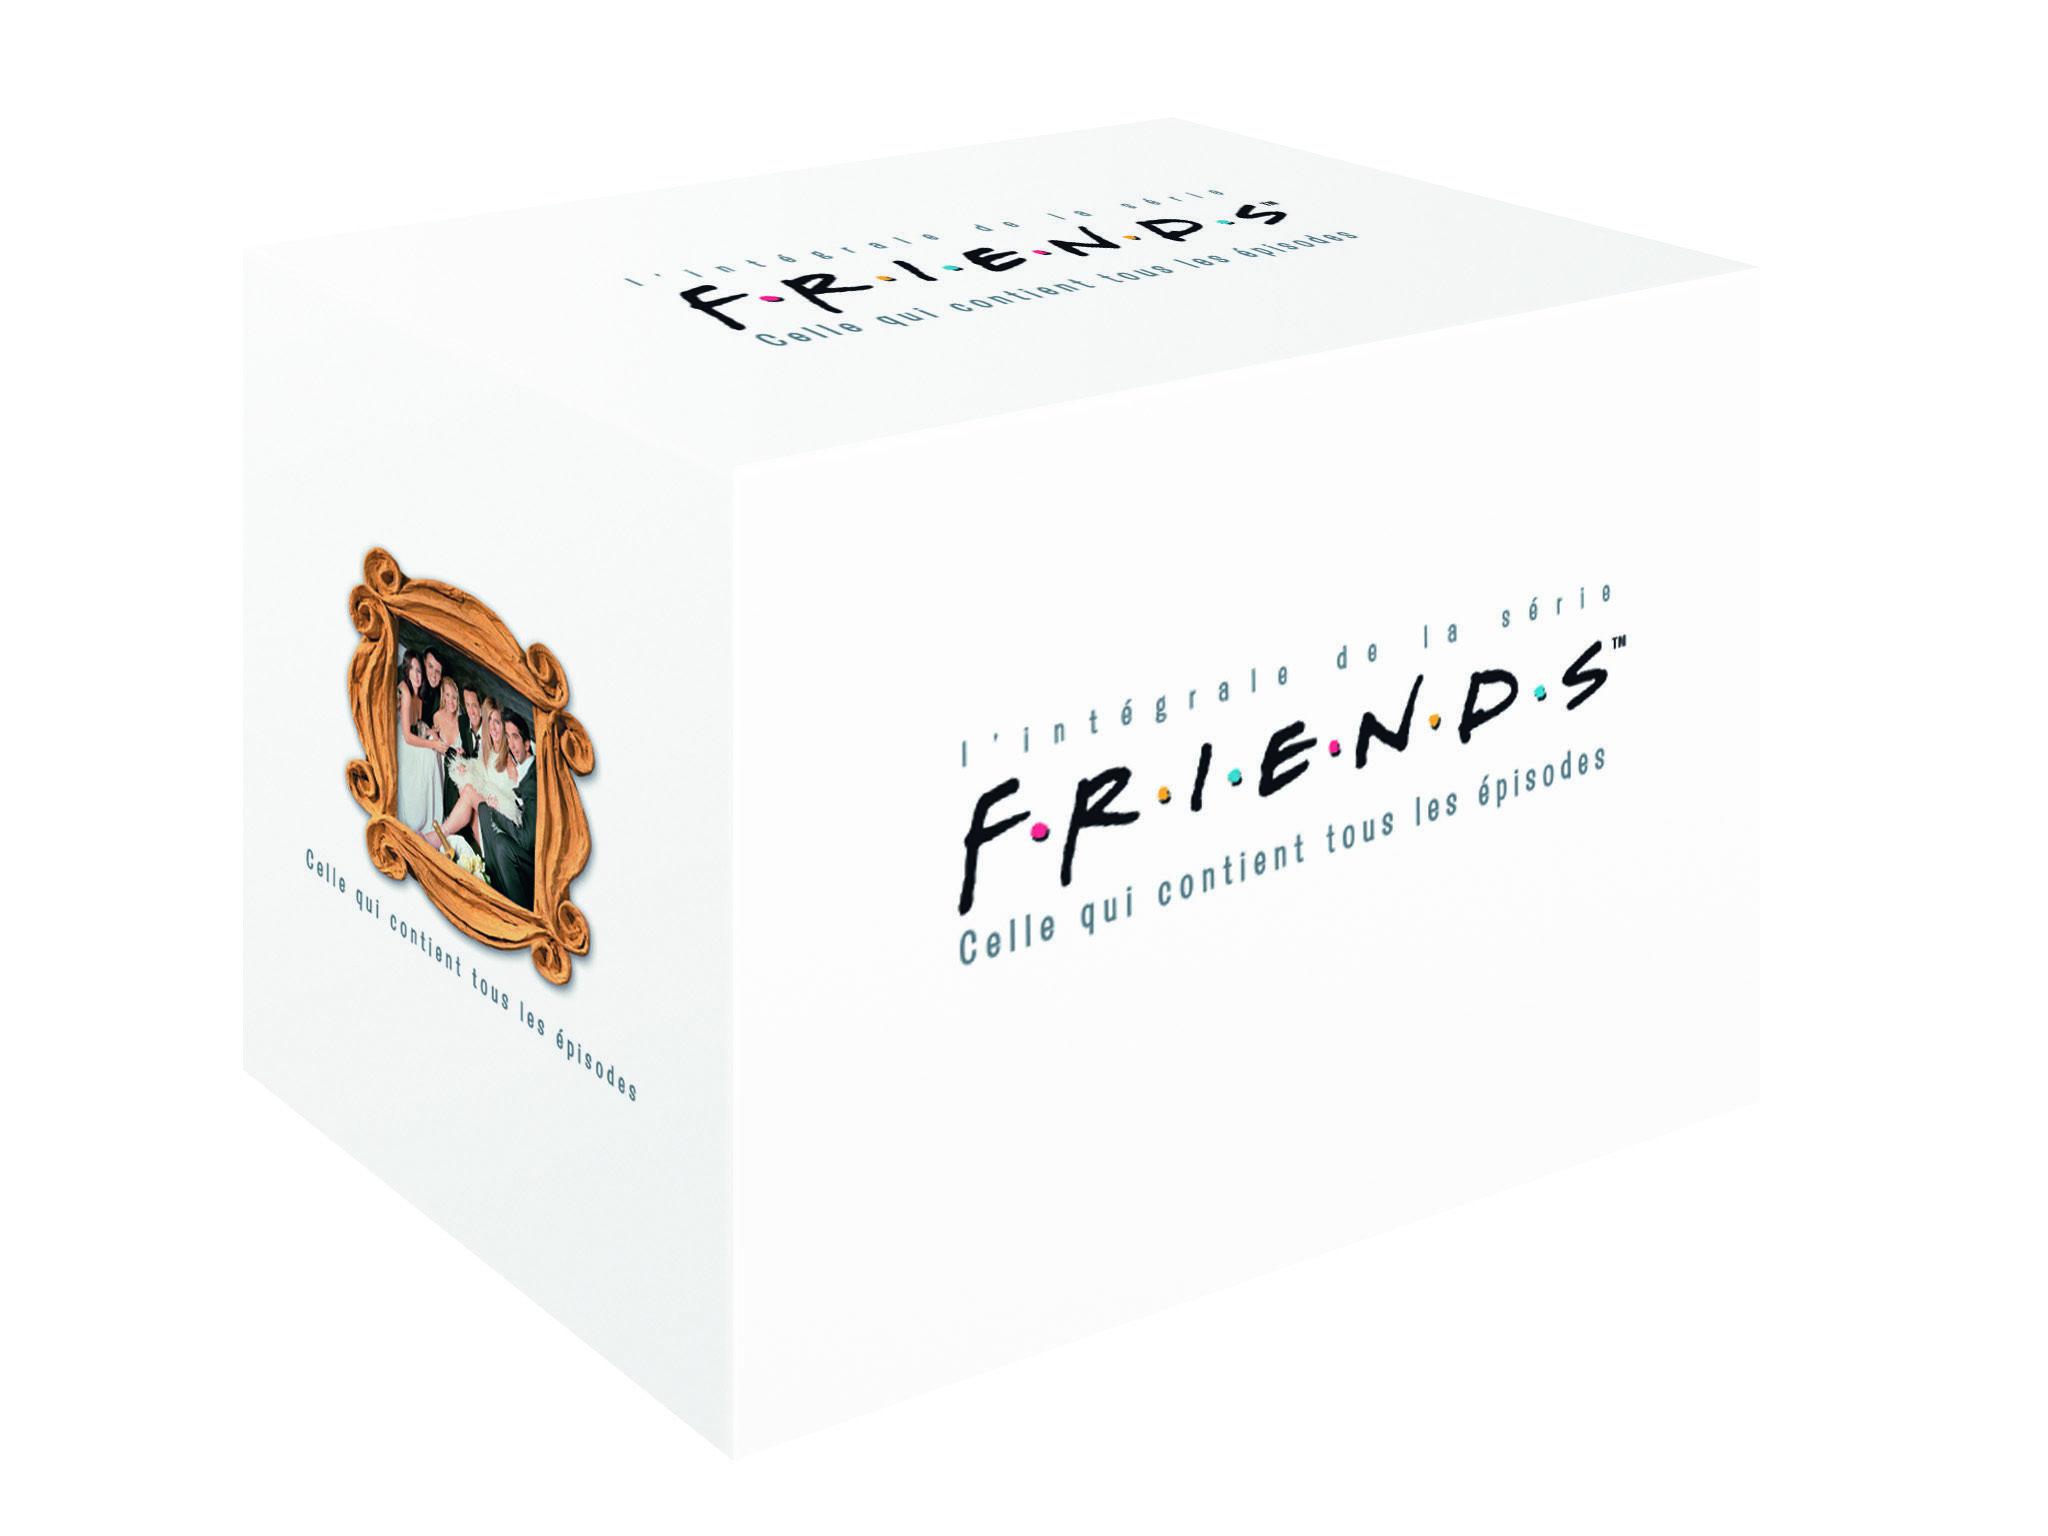 Coffret DVD Friends repack 2012 saisons 1 - 10